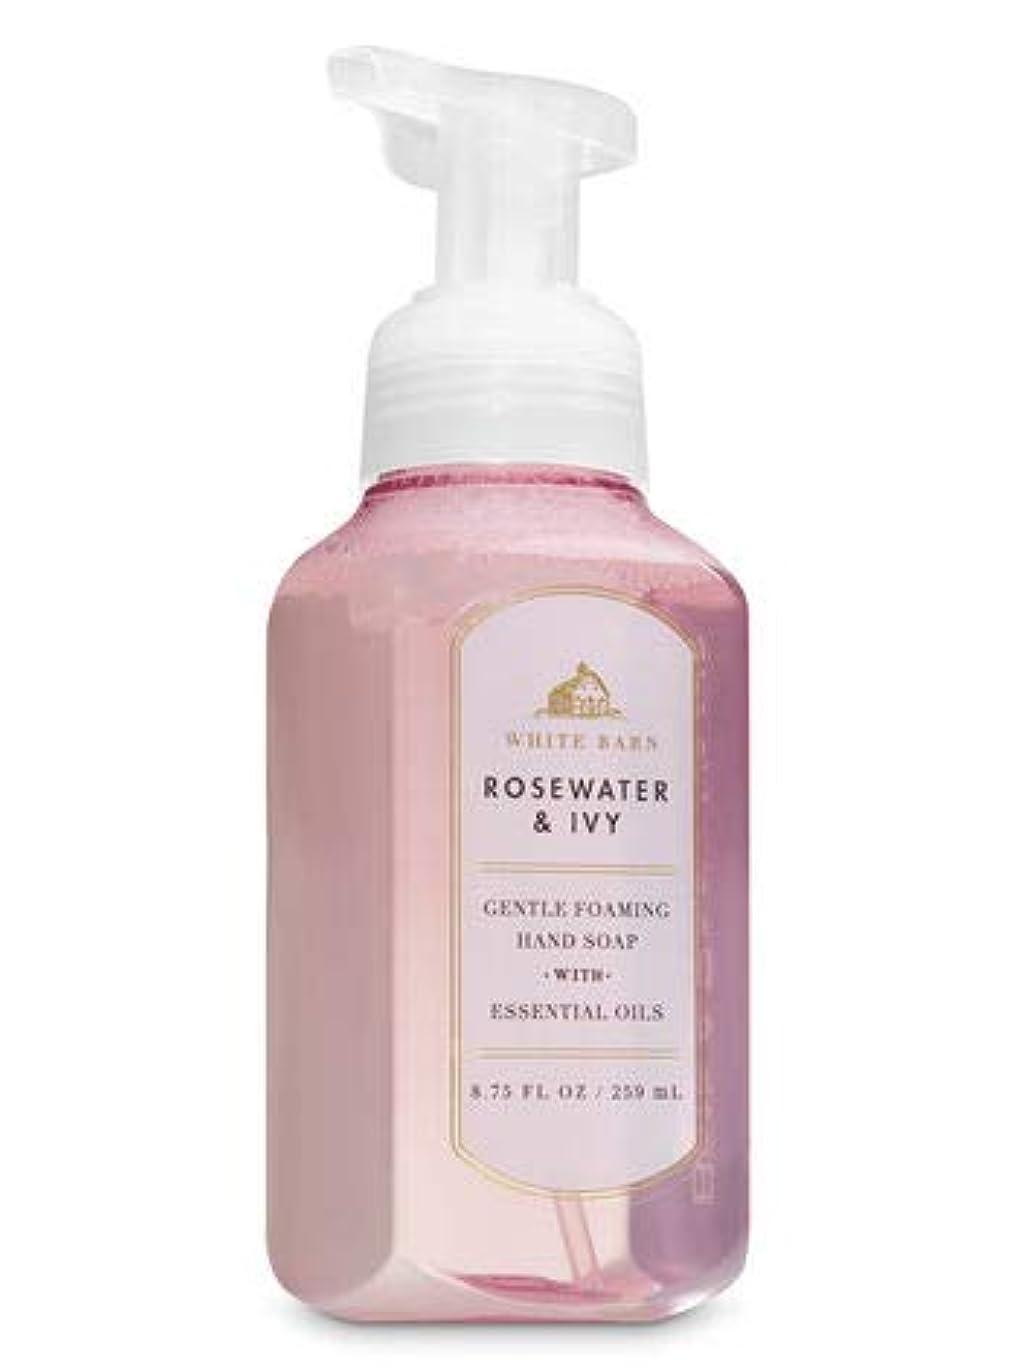 慣らす宿命延期するバス&ボディワークス ローズウォーター&アイビー ジェントル フォーミング ハンドソープ Rose Water & Ivy Gentle Foaming Hand Soap